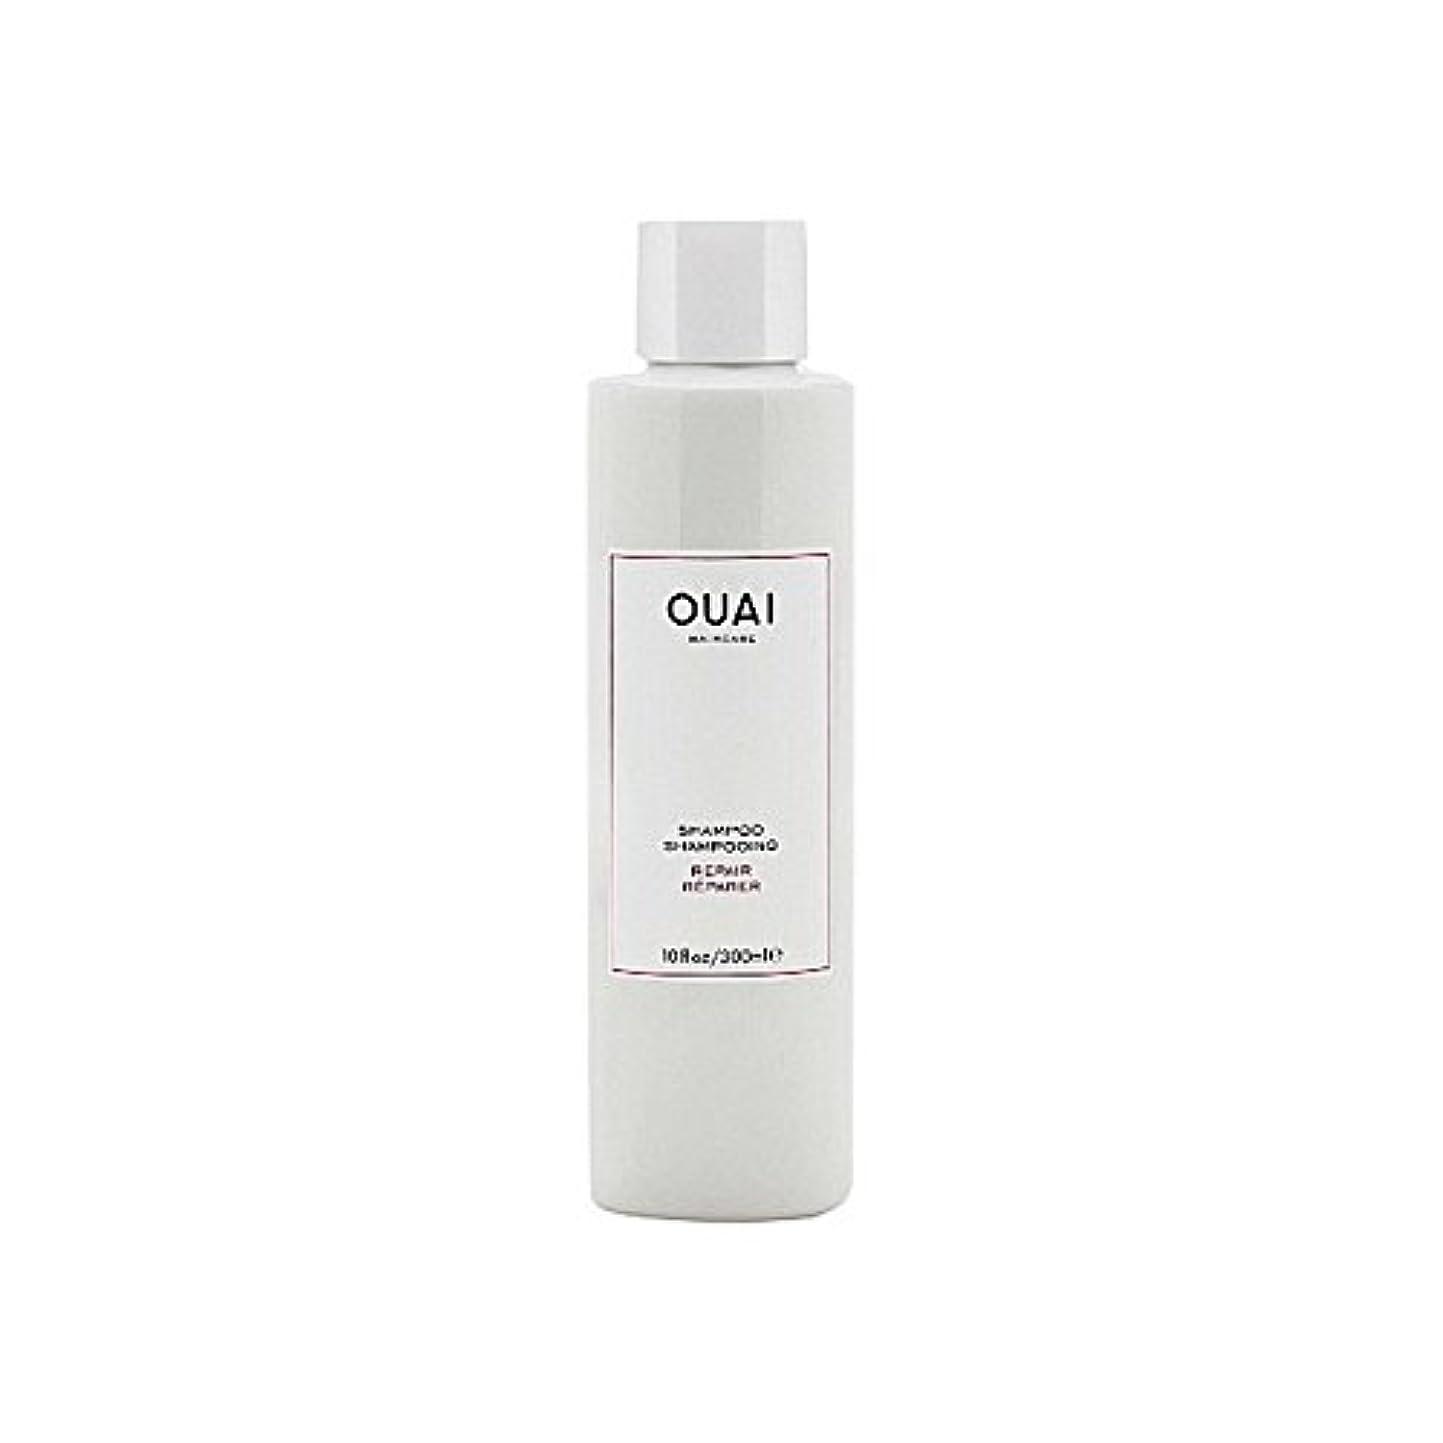 広々とした支給ジャーナルリペアシャンプー300ミリリットル x2 - Ouai Repair Shampoo 300ml (Pack of 2) [並行輸入品]